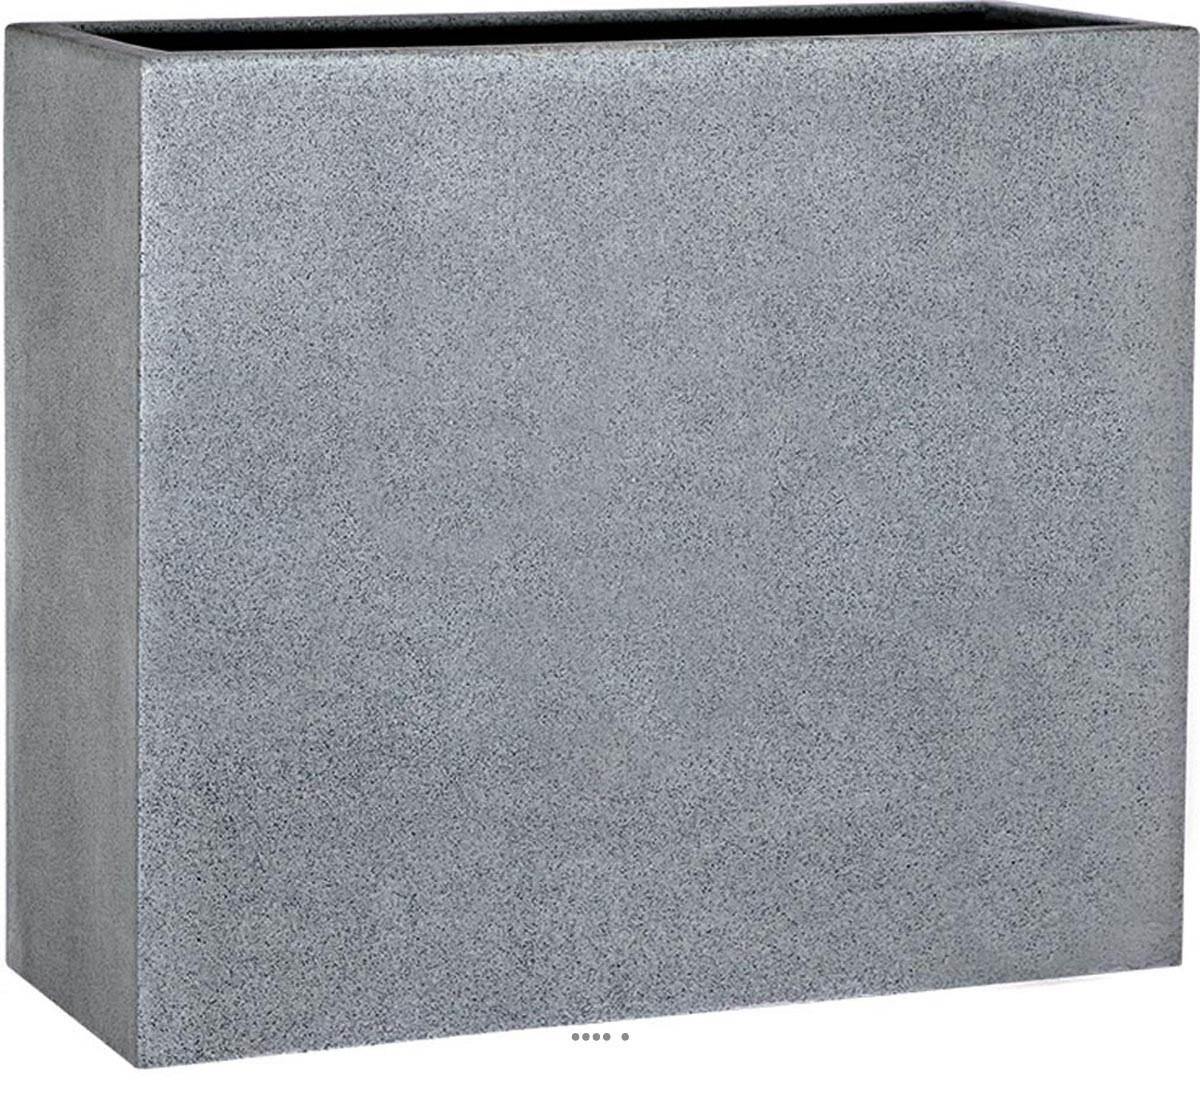 Bac fibre de verre teras cube gris ext du site pas cher g - Claustra composite gris ...